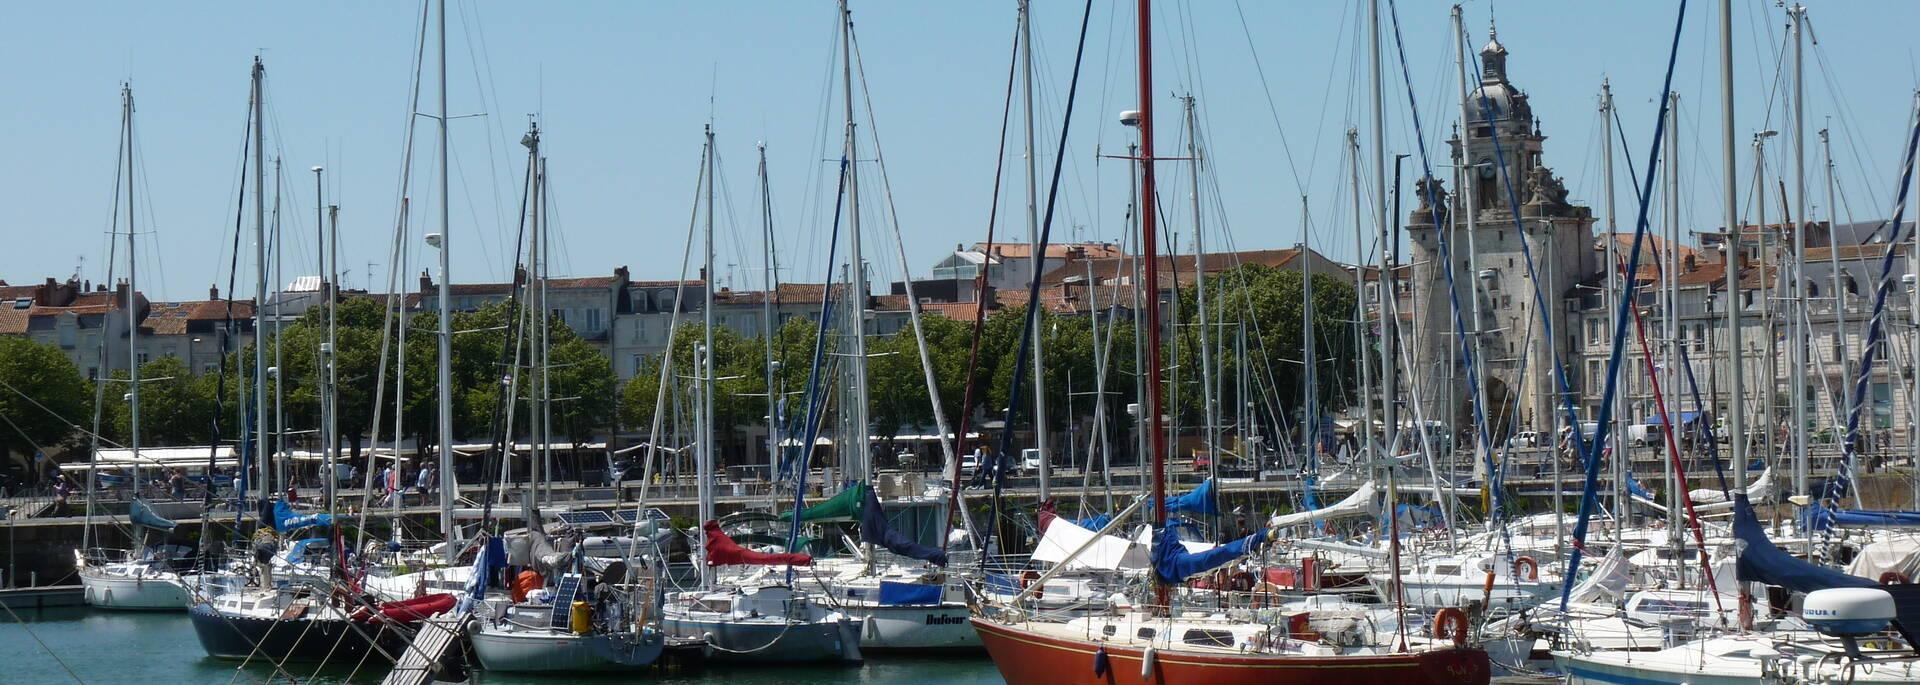 Les bateaux du Vieux Port - © FDHPA 17